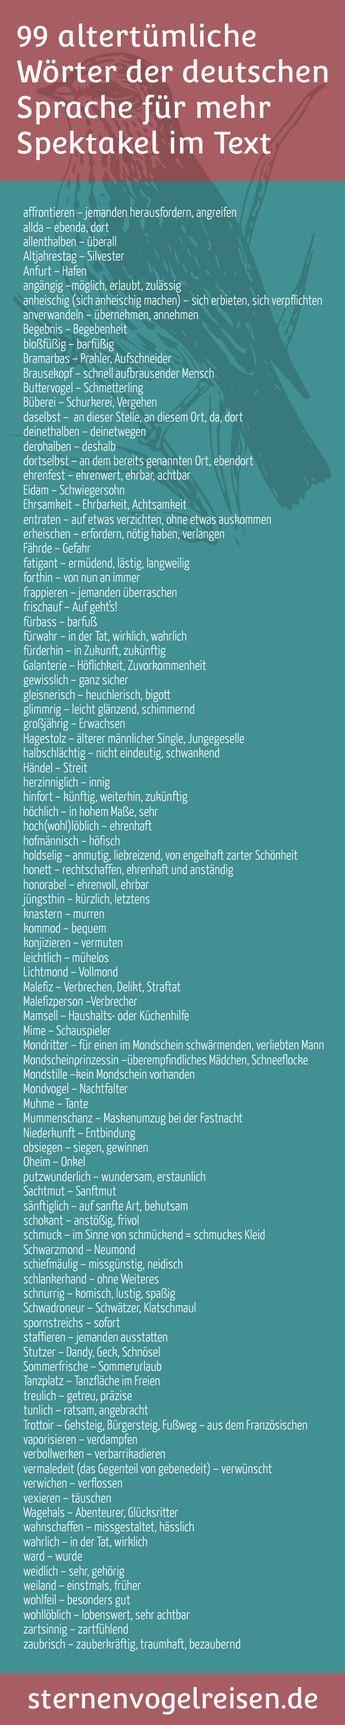 99 altertümliche und alte Wörter der deutschen S…